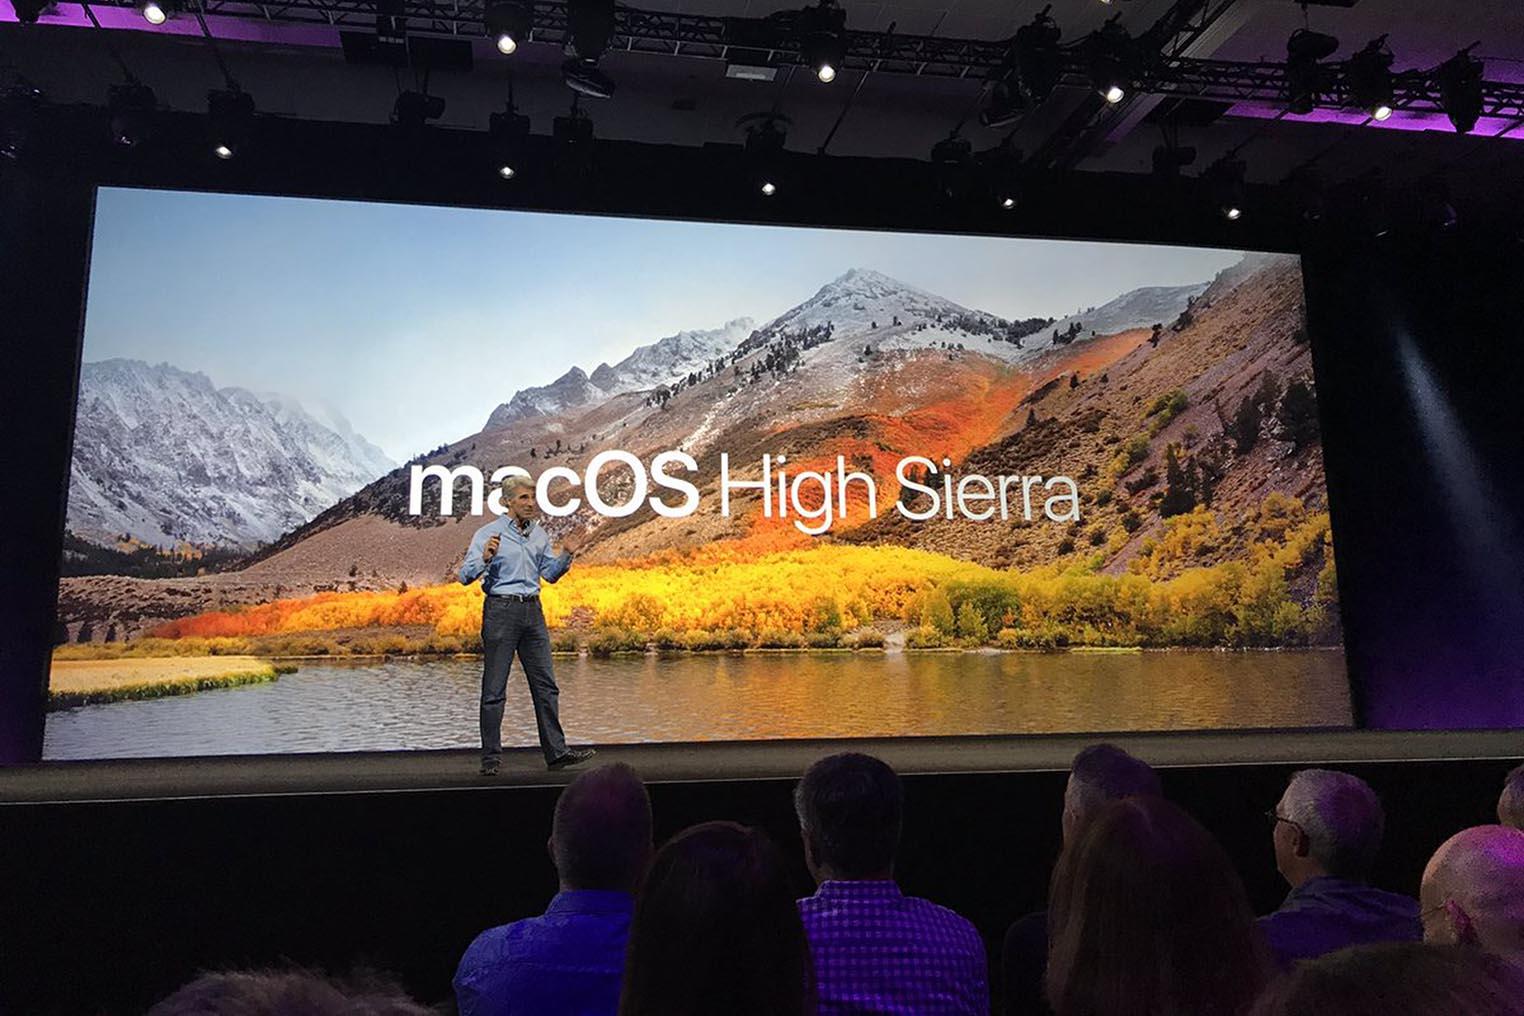 macOS High Sierra Craig Federighi keynote